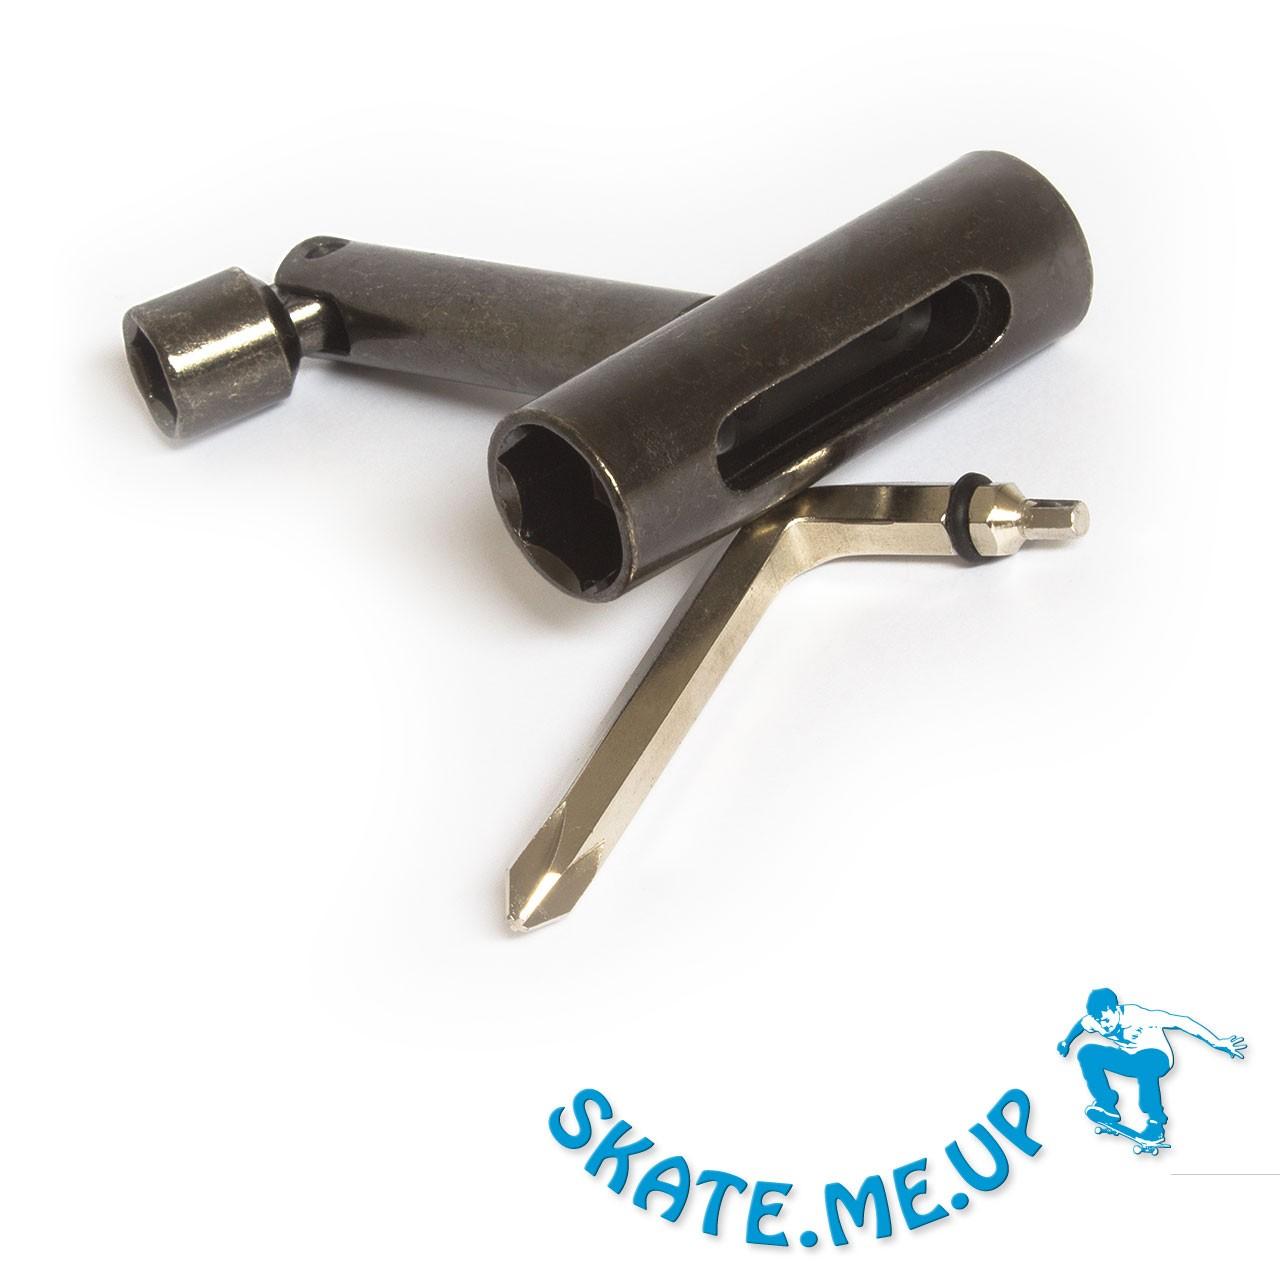 Skateboard Werkzeug mit Gelenk, T-Tool , Skate Tool, Longboard Tool